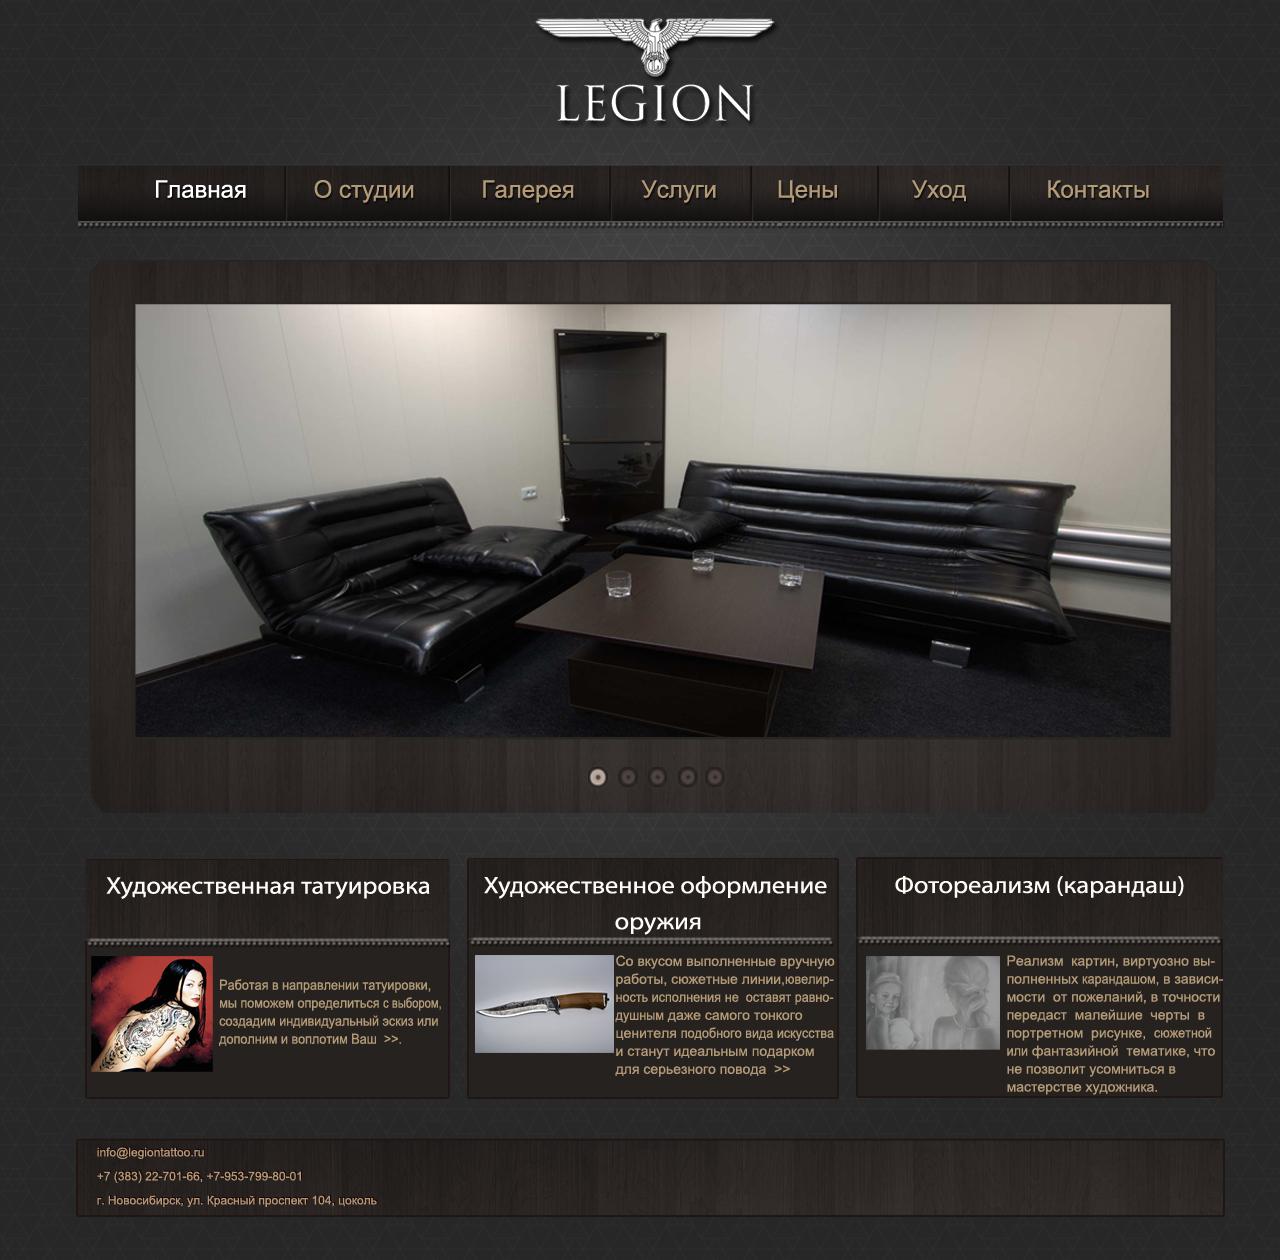 Требуется разработать дизайн сайта для арт-студии Legion фото f_02951f3d3a4207a9.jpg